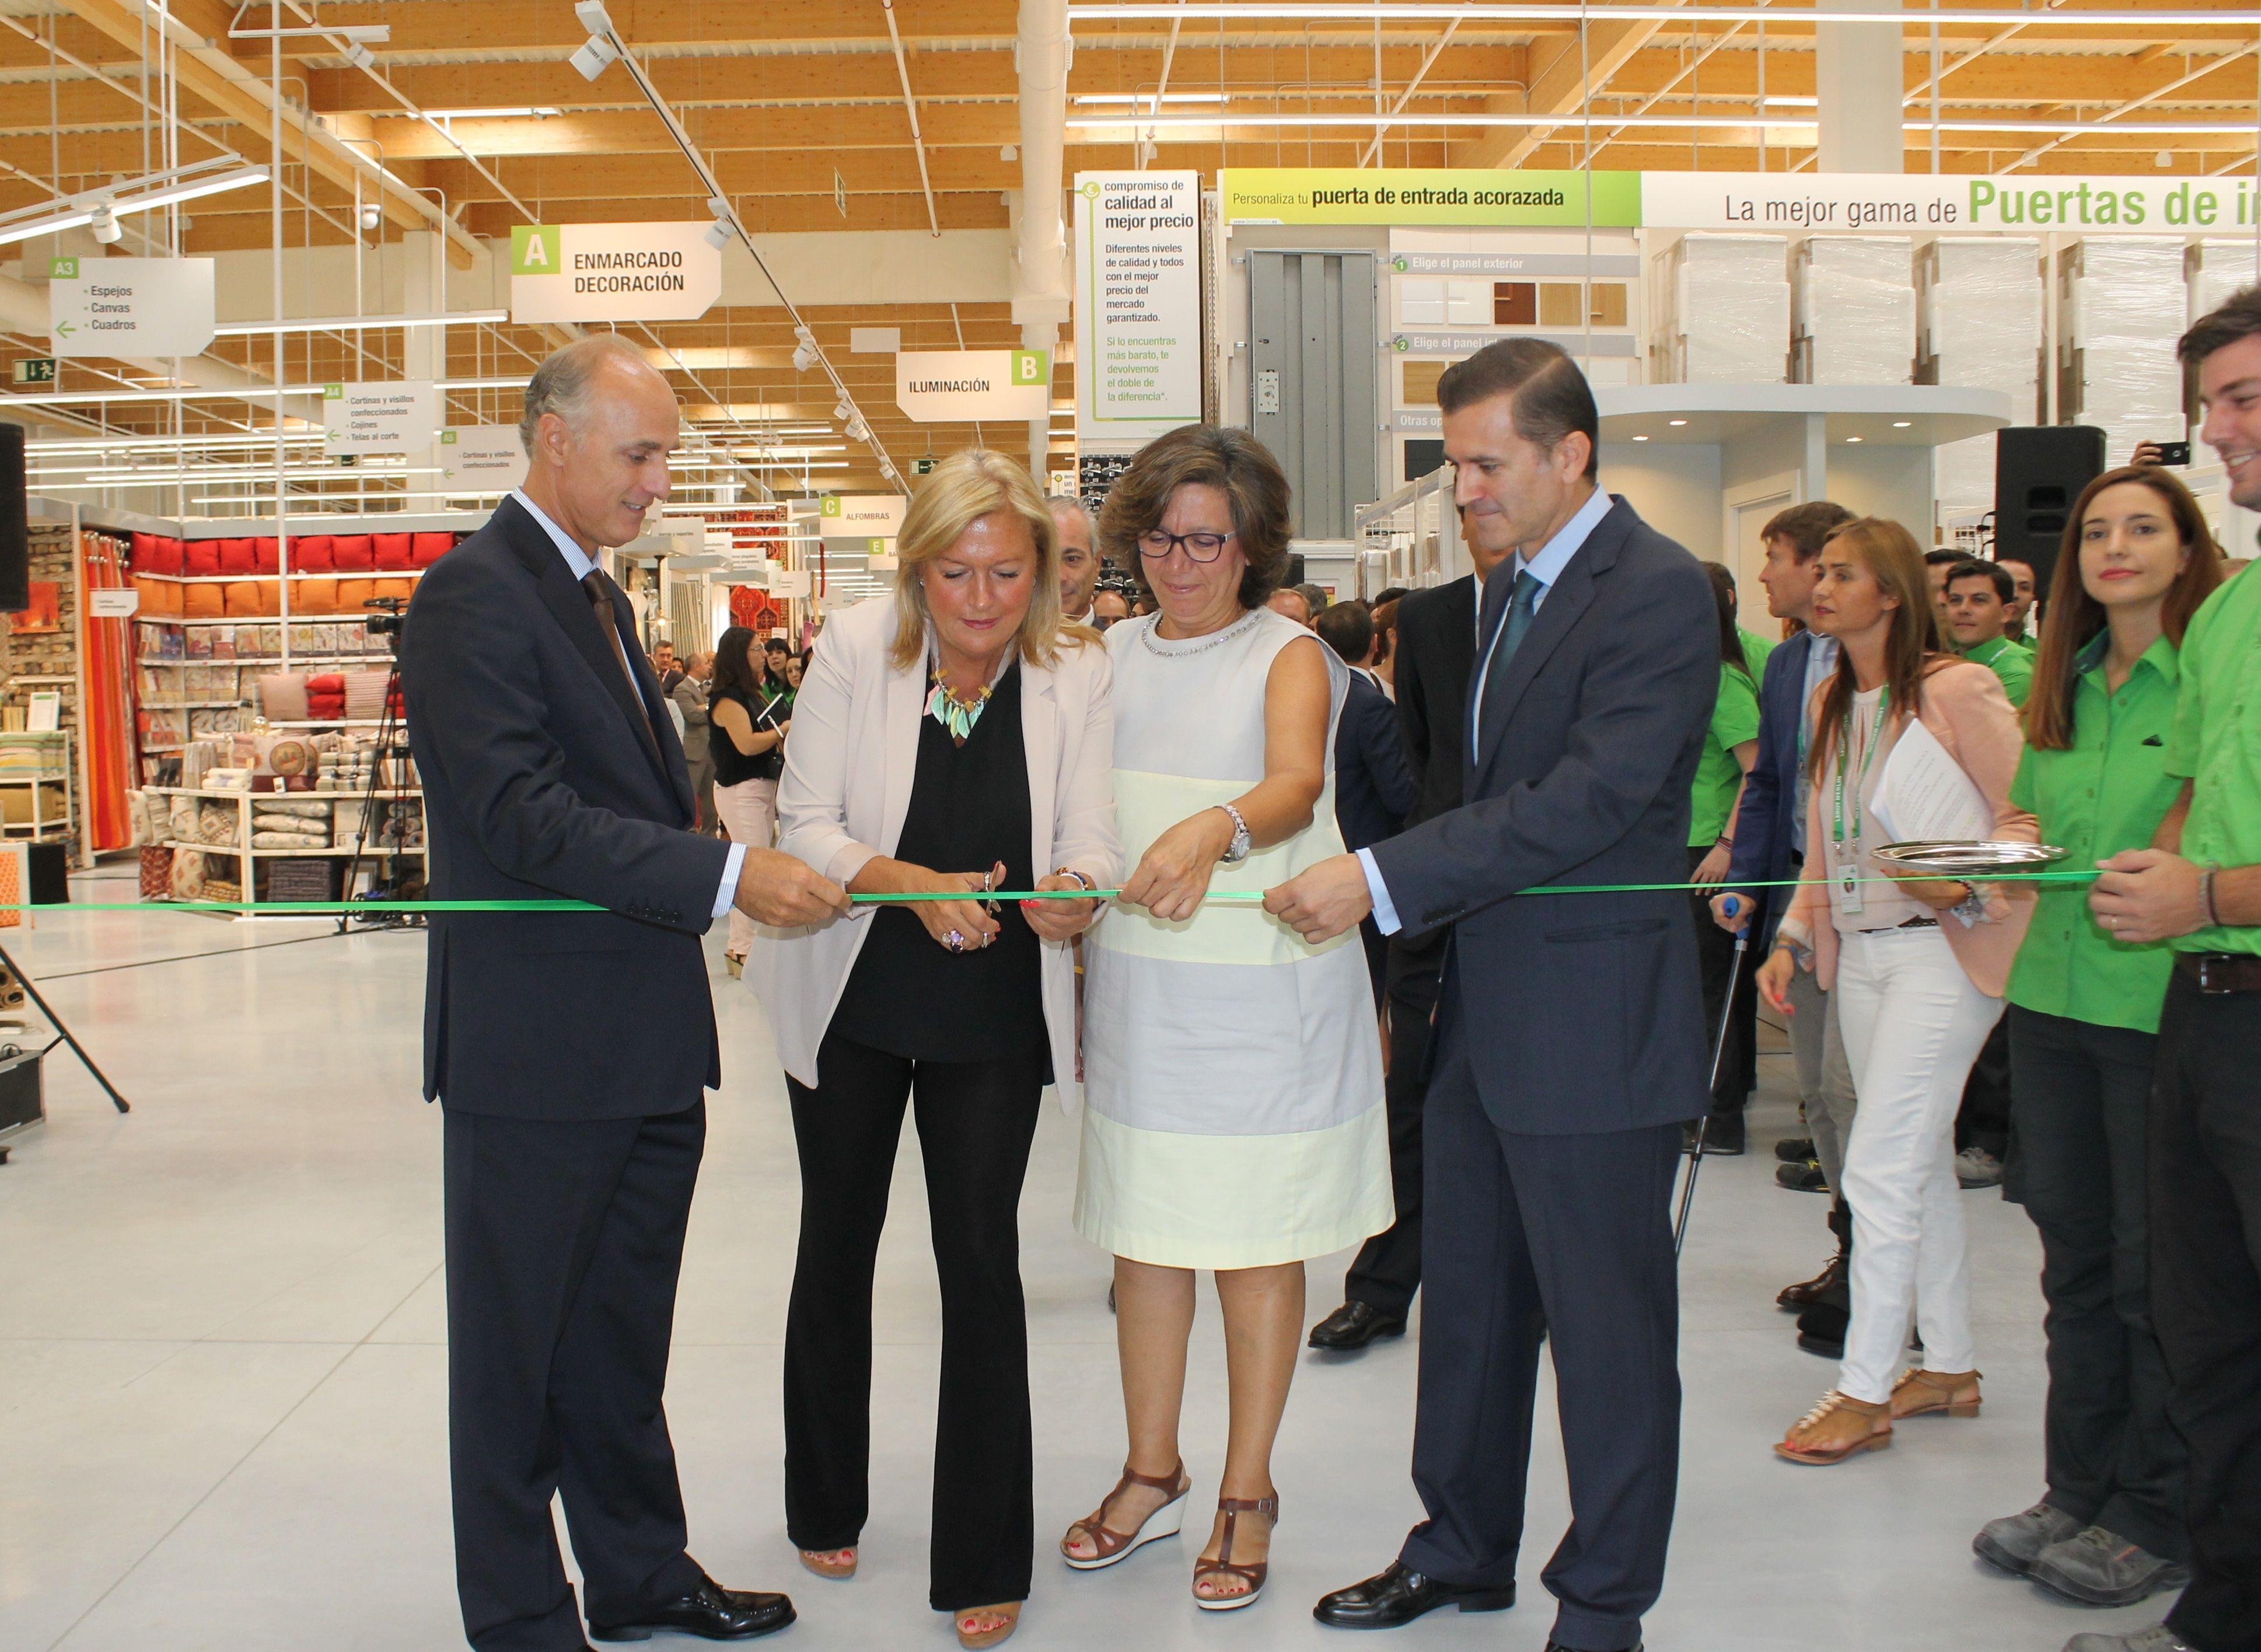 Leroy merlin inaugura su primera tienda en madrid